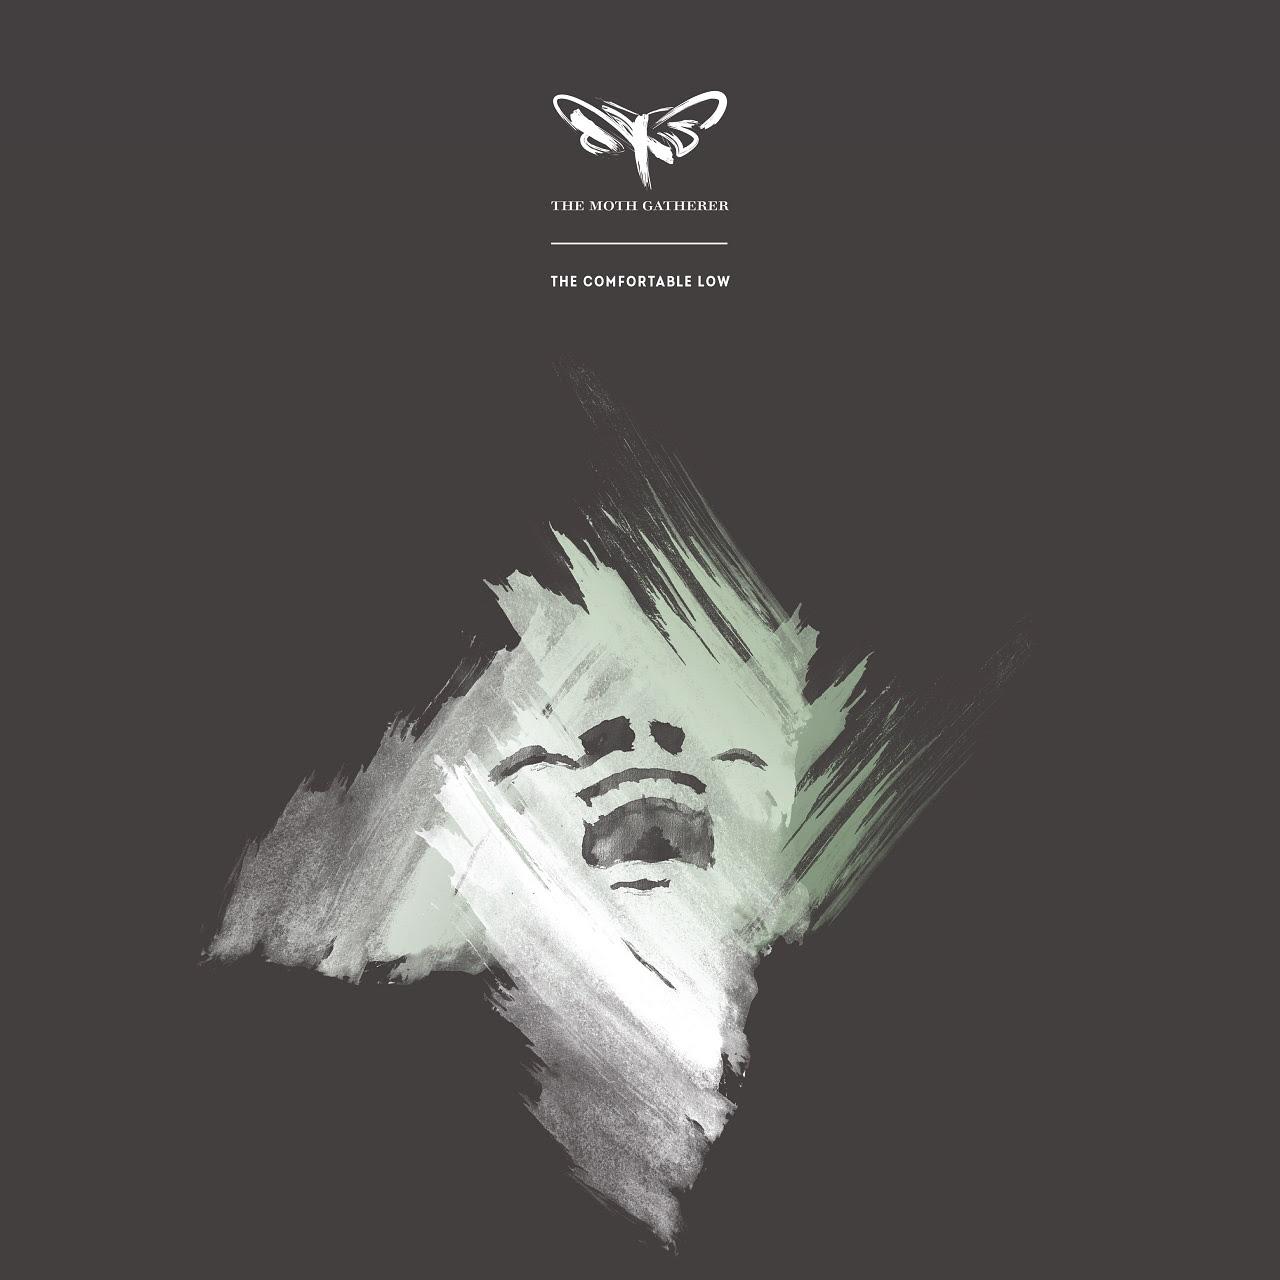 moth-gath